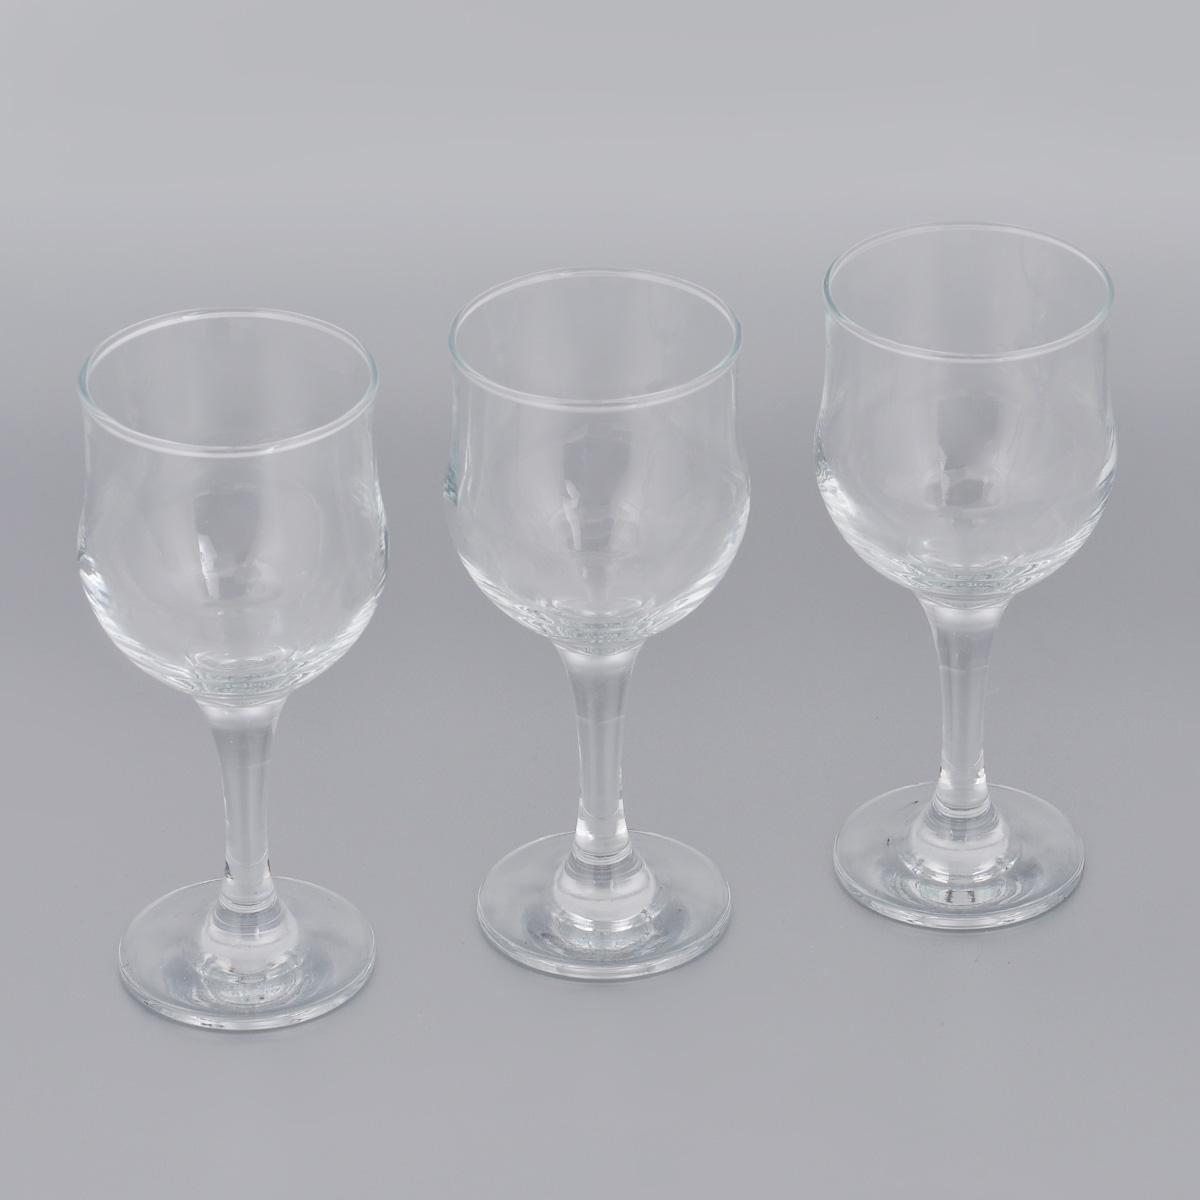 Набор бокалов для красного вина Pasabahce Tulipe, 240 мл, 3 шт44163BНабор Pasabahce Tulipe состоит из трех бокалов, выполненных из прочного натрий-кальций-силикатного стекла. Изделия оснащены высокими ножками. Бокалы предназначены для подачи красного вина. Они сочетают в себе элегантный дизайн и функциональность. Благодаря такому набору пить напитки будет еще вкуснее. Набор бокалов Pasabahce Tulipe прекрасно оформит праздничный стол и создаст приятную атмосферу за романтическим ужином. Такой набор также станет хорошим подарком к любому случаю. Можно мыть в посудомоечной машине и использовать в микроволновой печи. Диаметр бокала (по верхнему краю): 6 см. Высота бокала: 16,5 см.